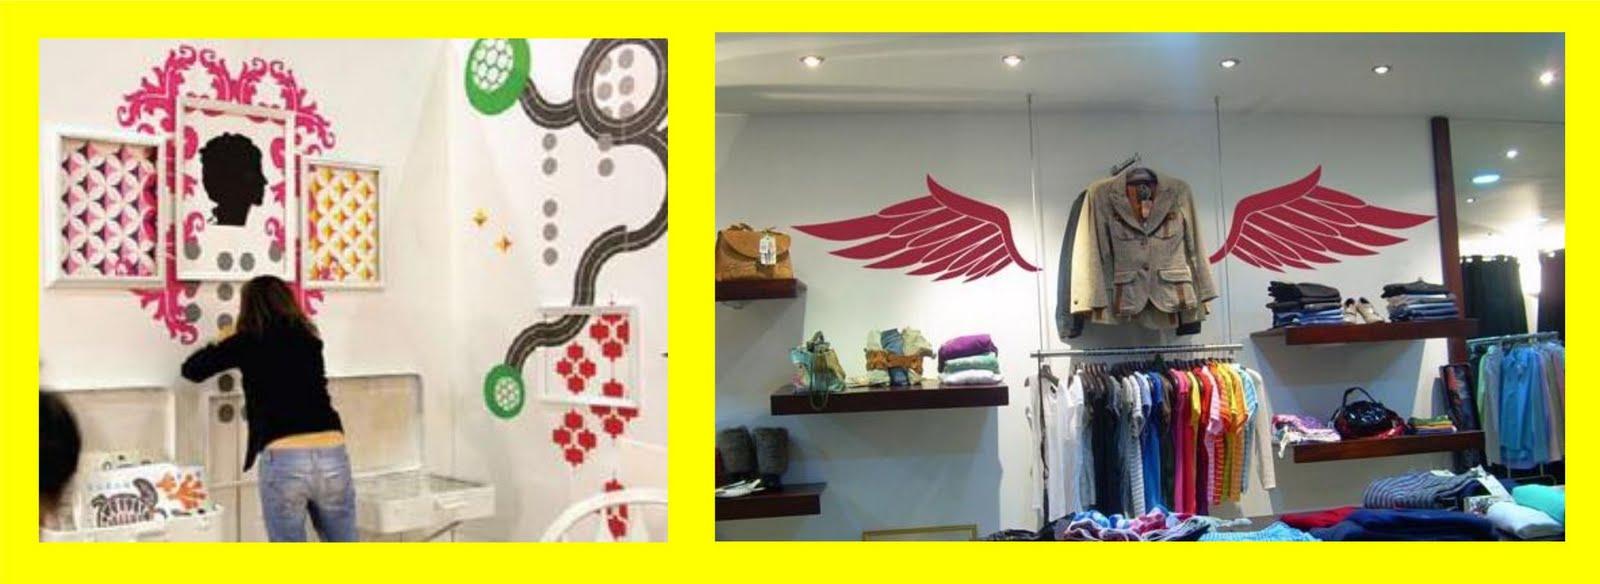 Pixellstick adhesivos decorativos dise os para locales - Diseno locales comerciales ...